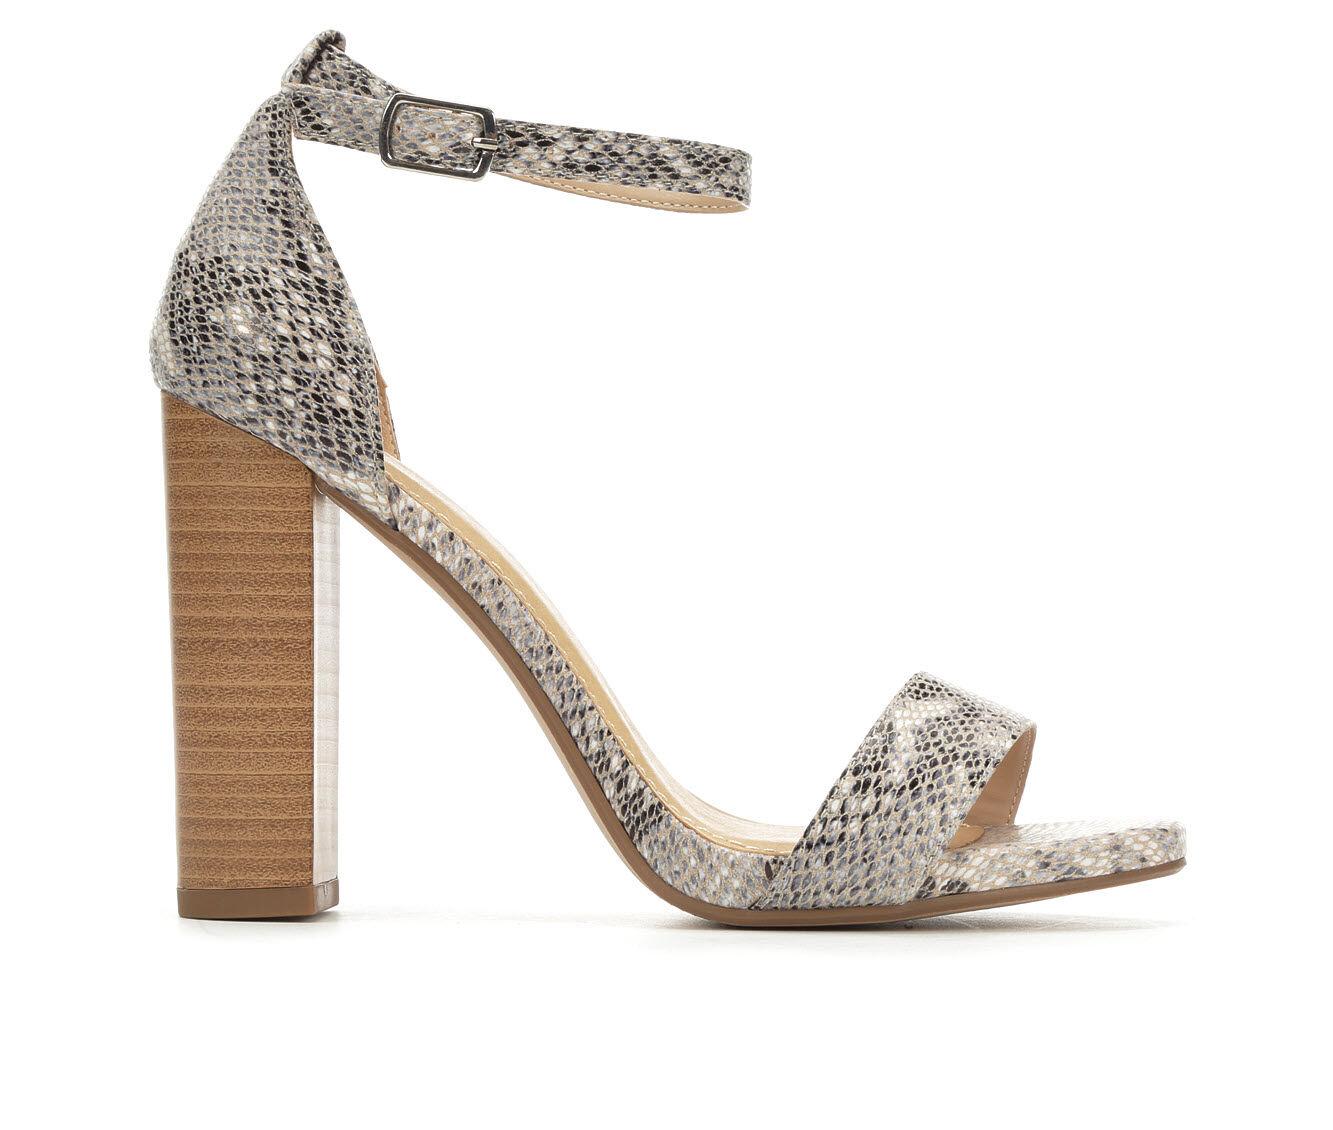 Women's Delicious Shiner Heeled Sandals Beige Python